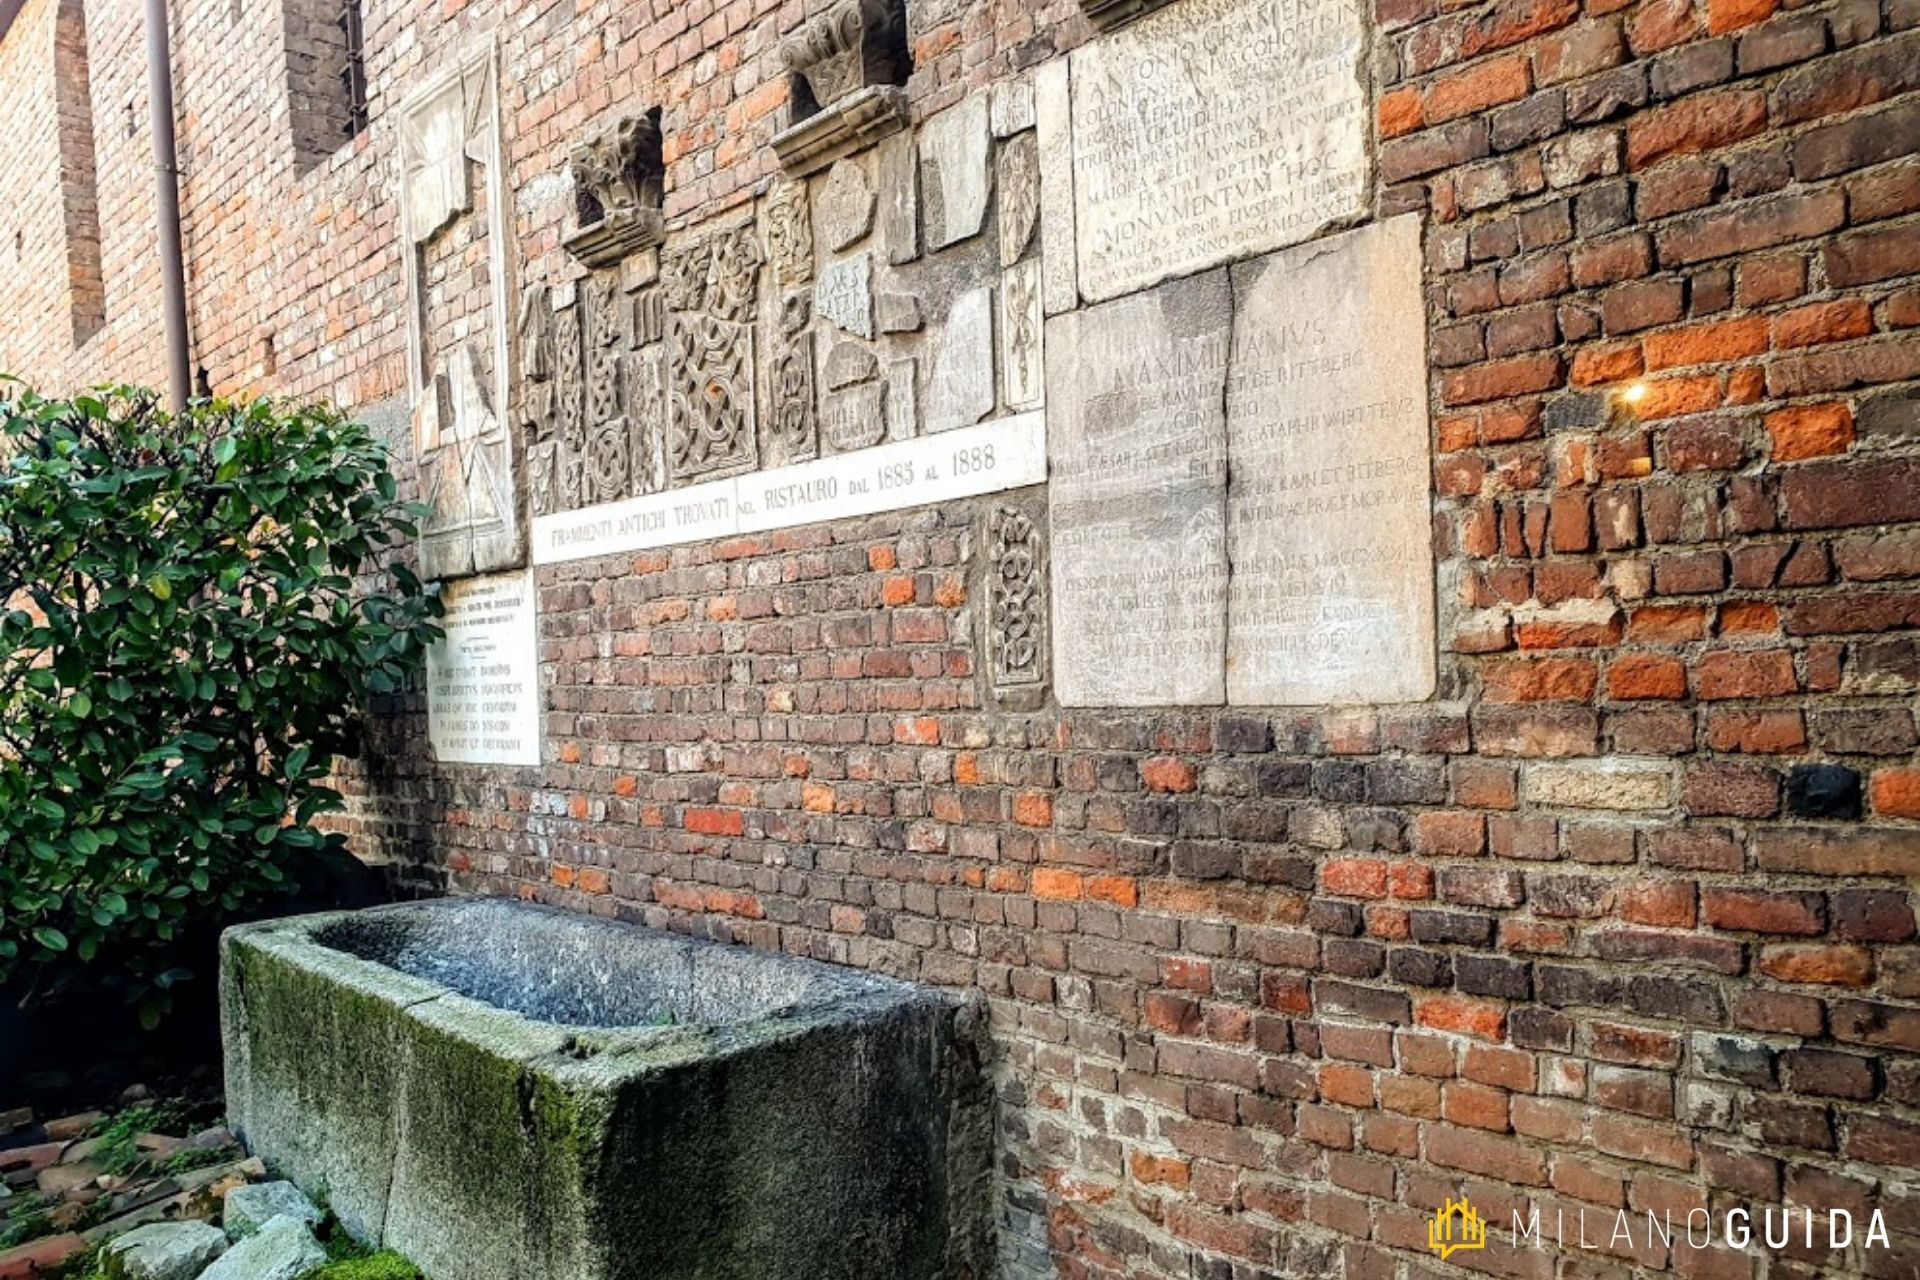 Visita guidata San Vincenzo in Prato